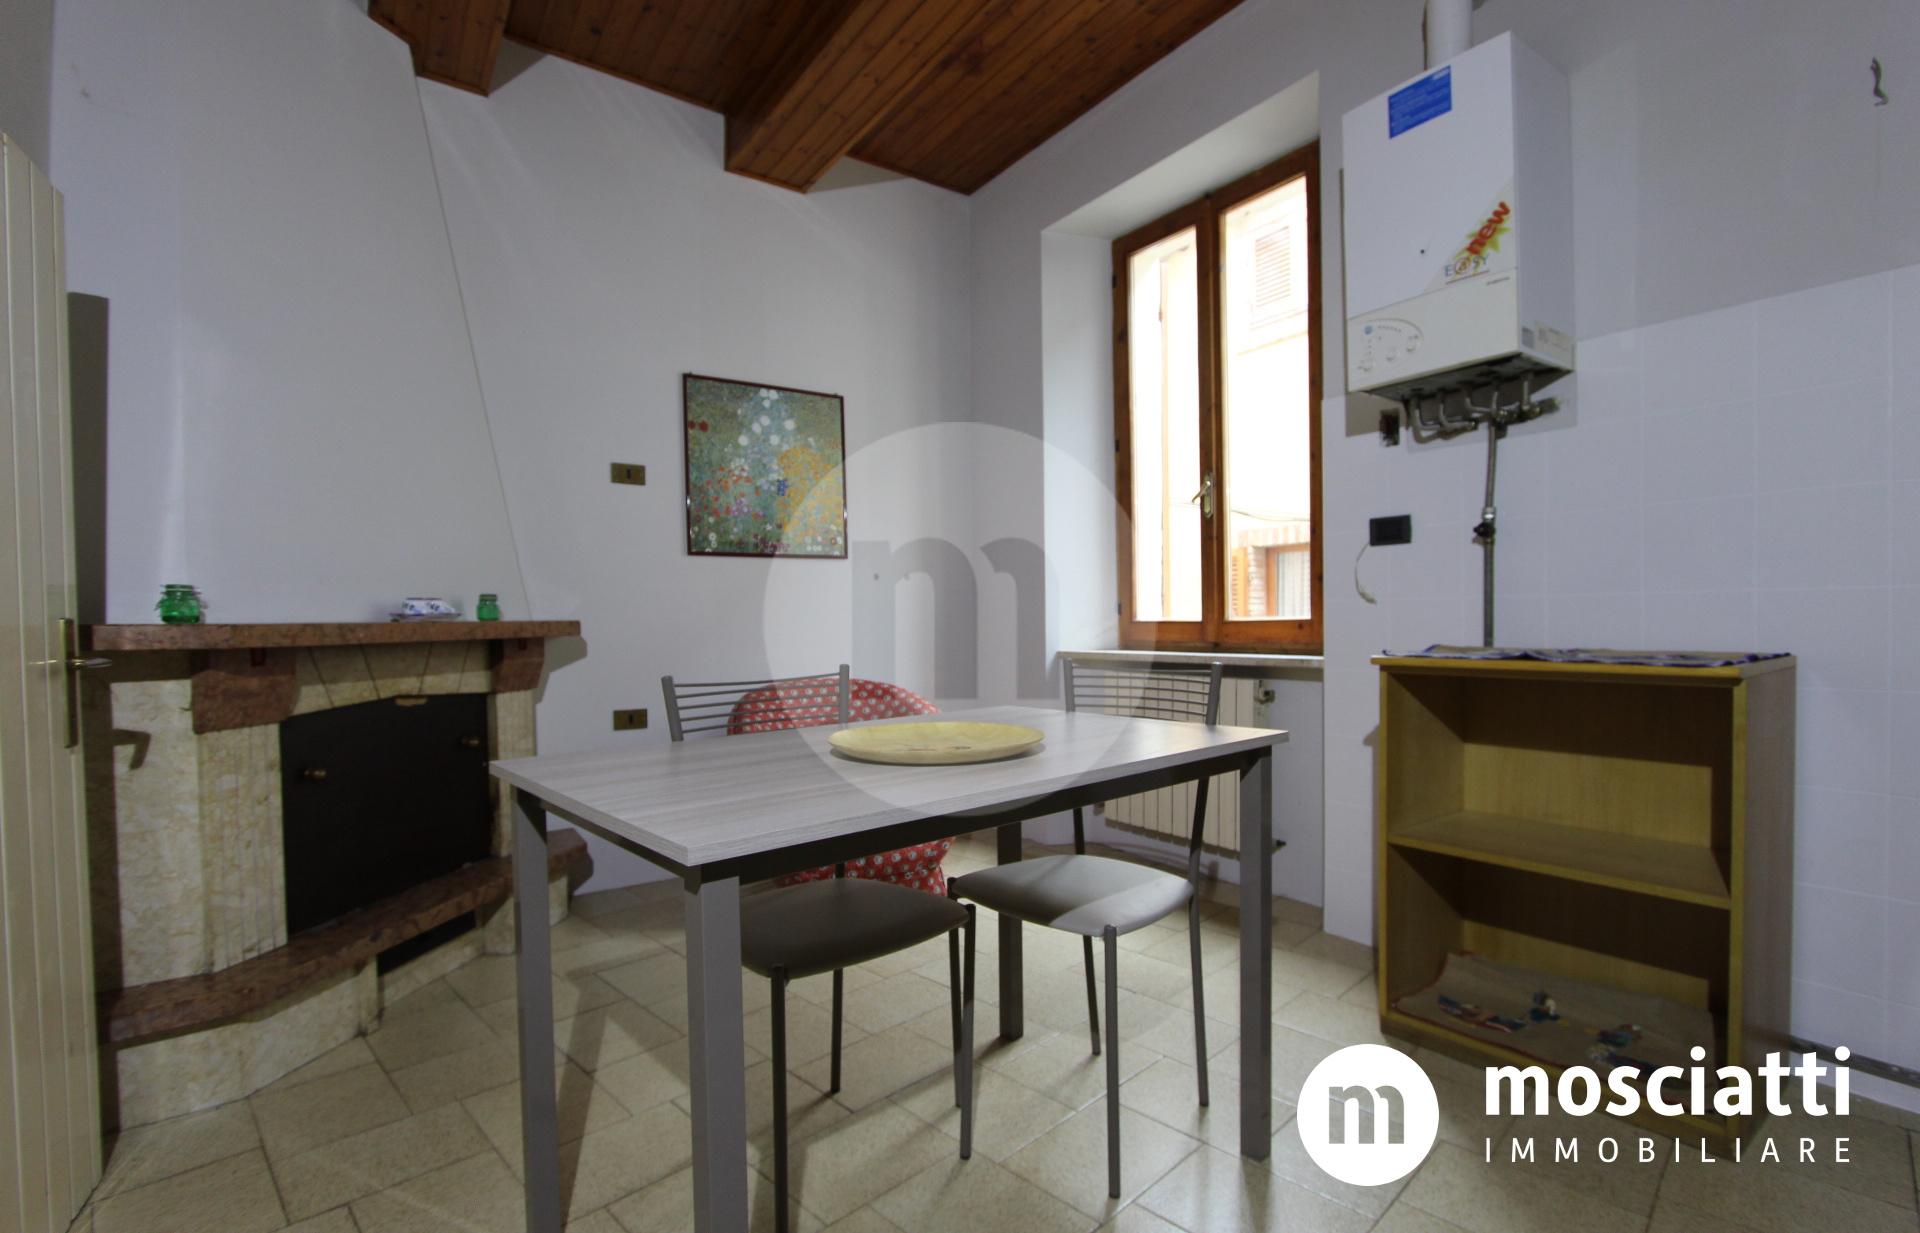 Matelica, Centro Storico in Vicolo Santa Maria, vendesi appartamento - 1